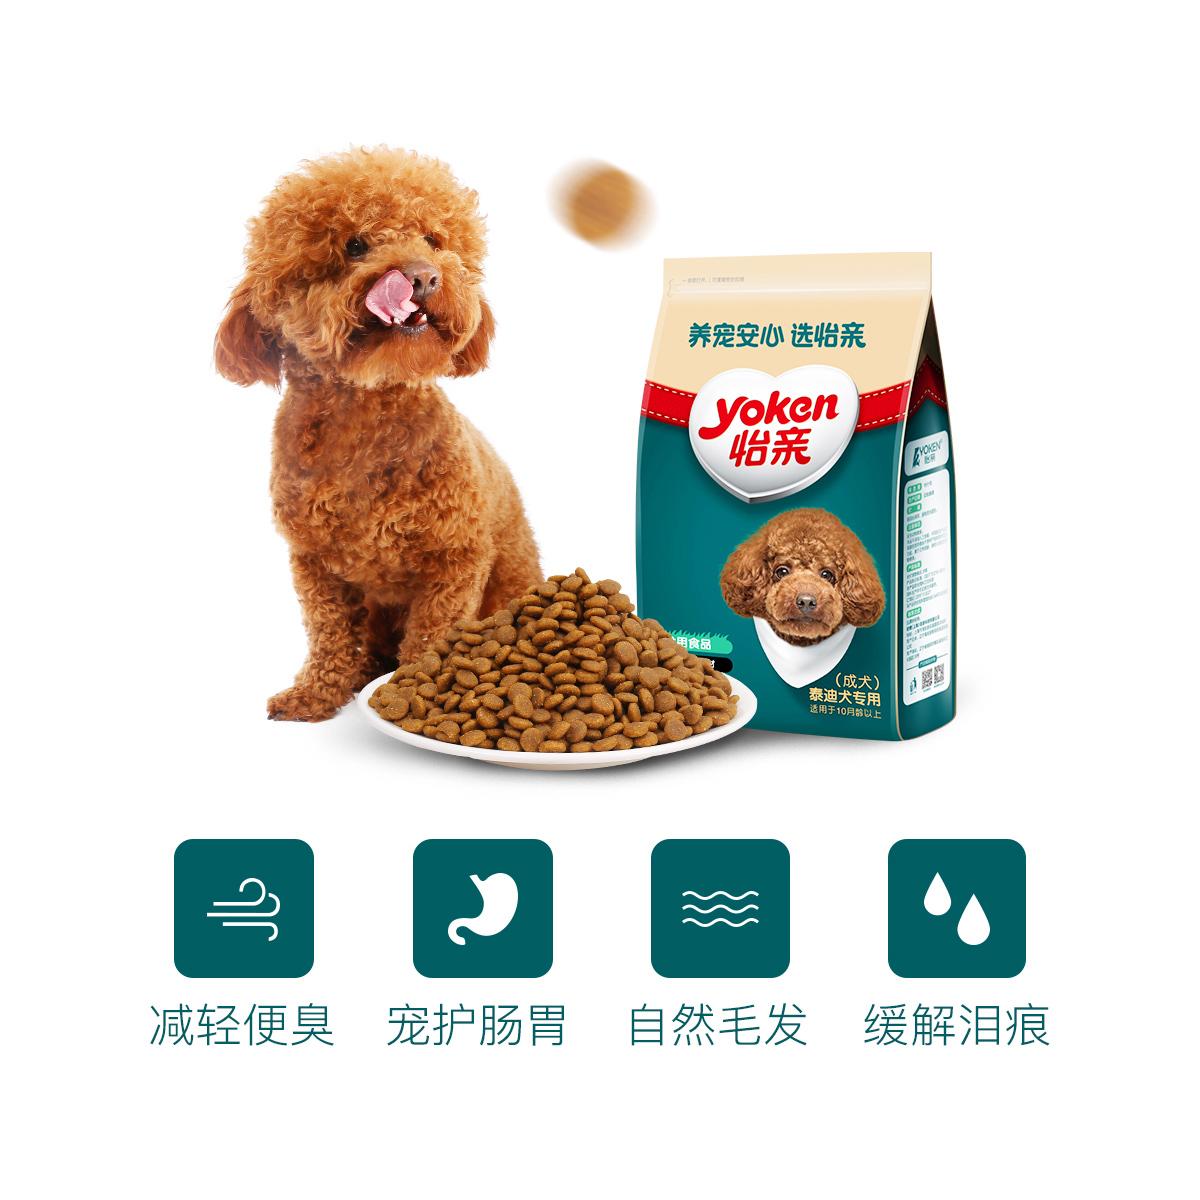 怡亲狗粮通用型5斤泰迪专用美毛亮毛去泪痕小型犬成犬粮2.5kg包邮